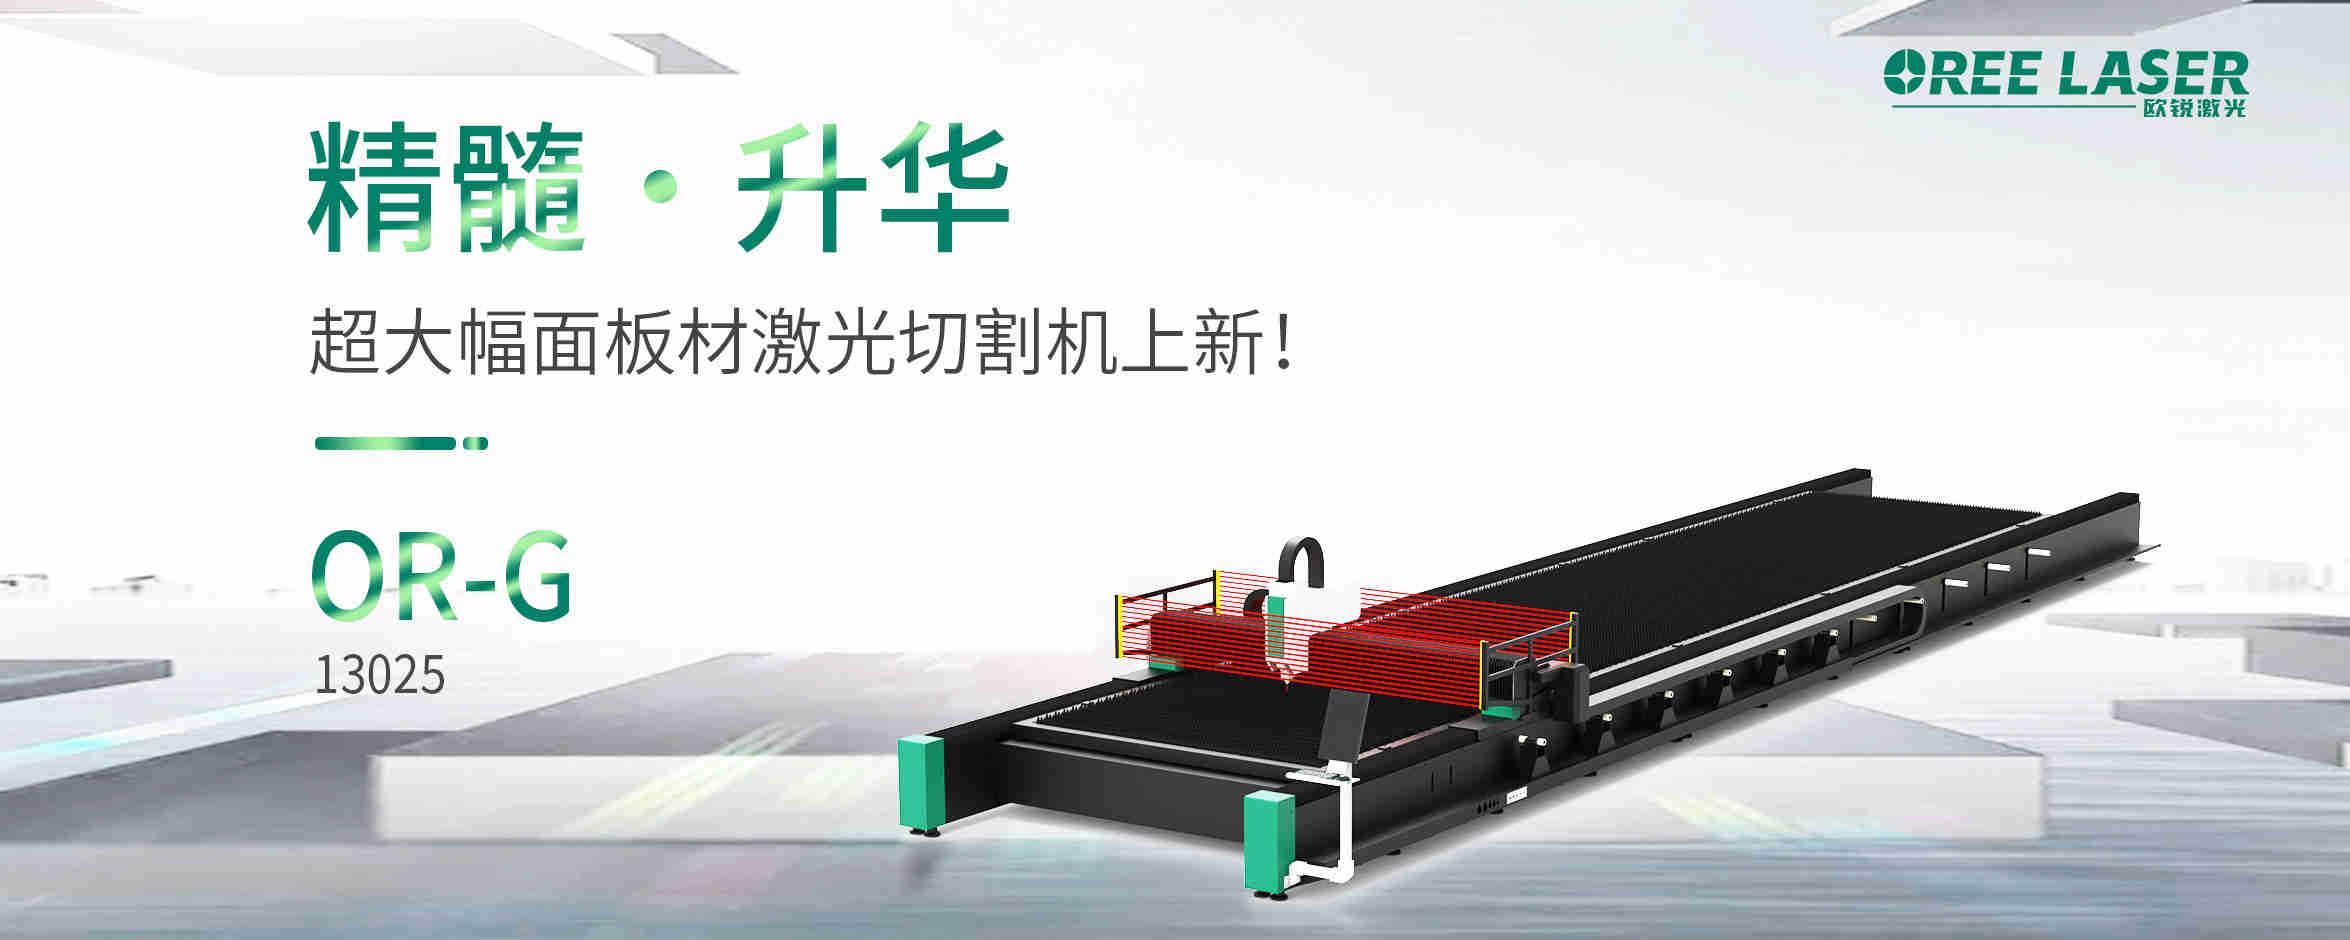 超大幅面光纤激光切割机、大幅面板材切割机、大幅面板材光纤激光切割